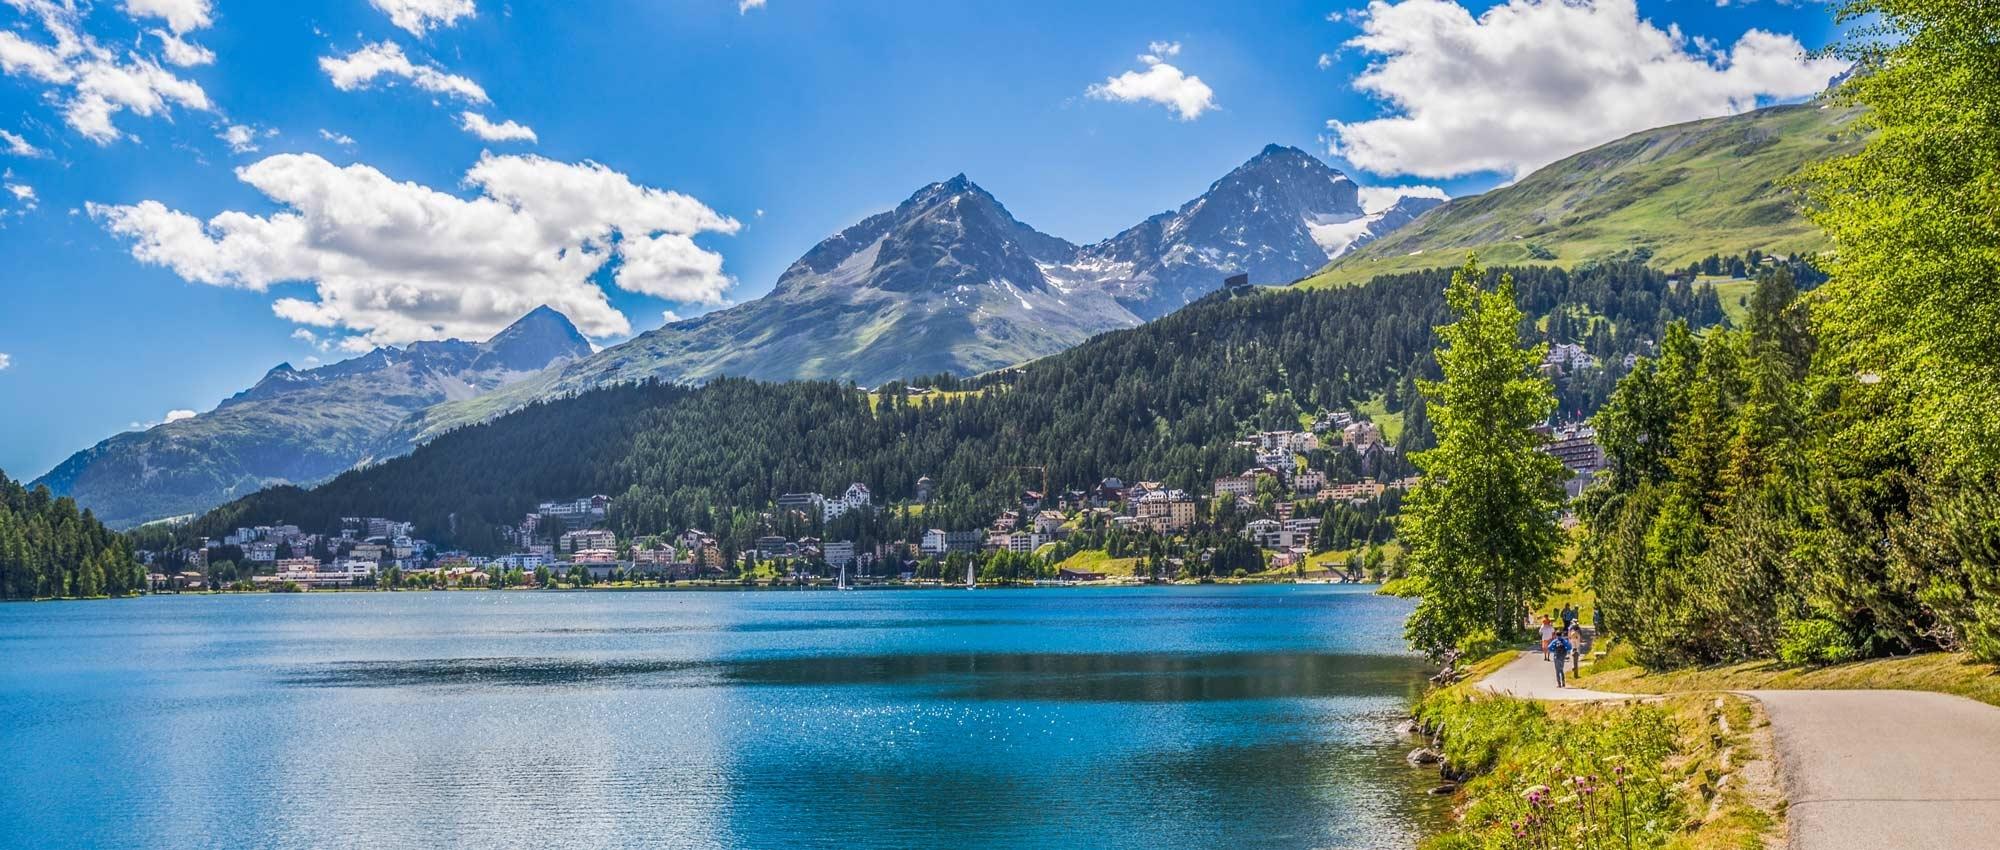 Noleggio Lancia a St Moritz